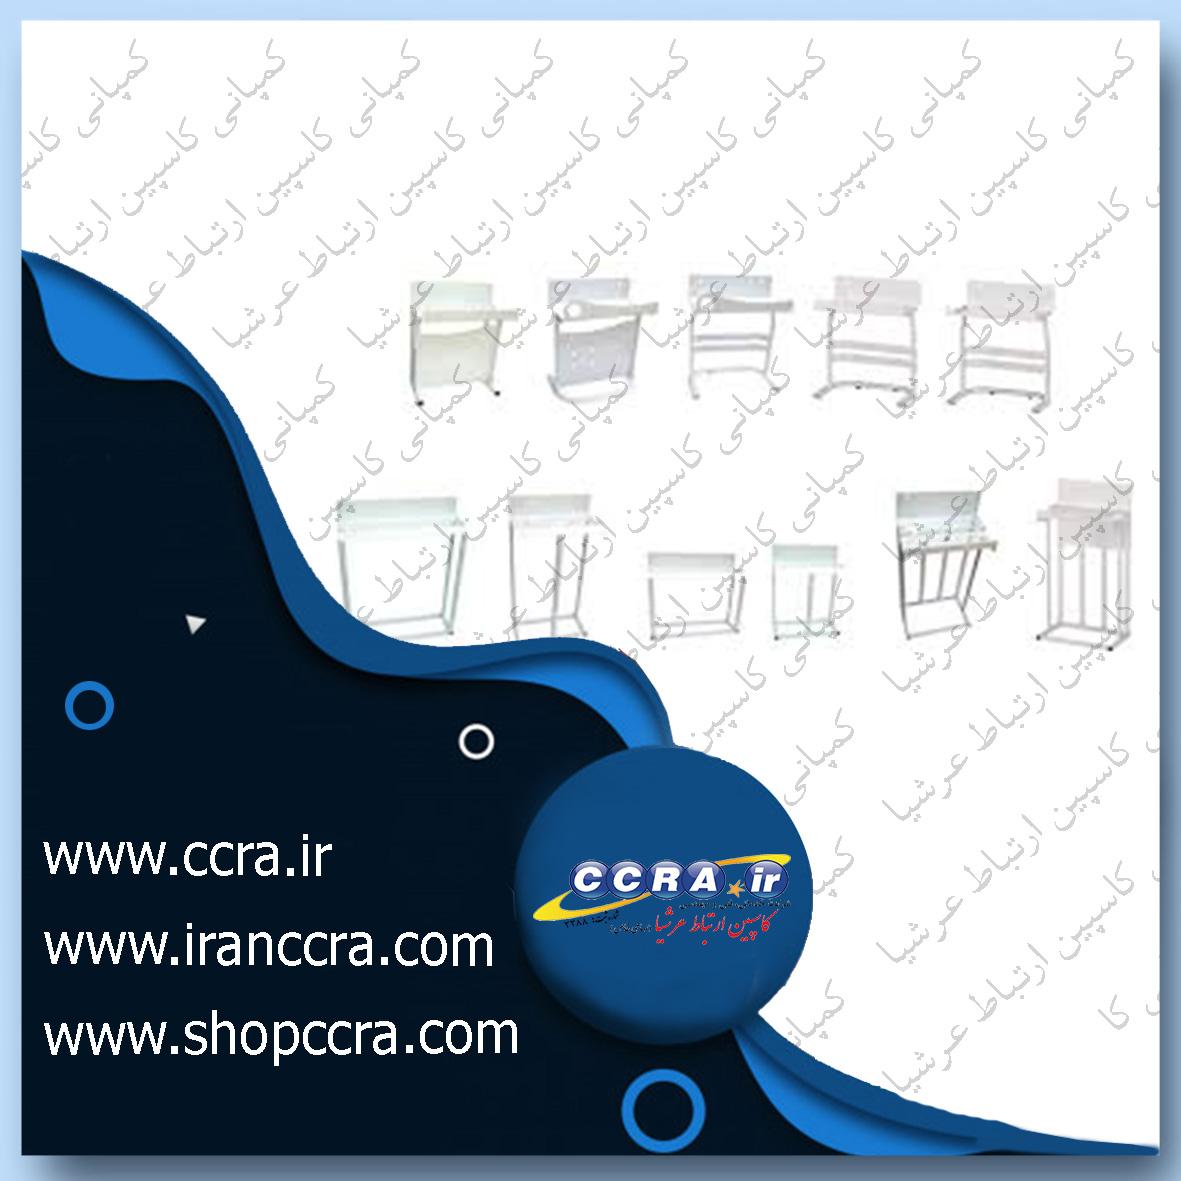 انواع براکت دستگاه تصفیه آب خانگی آکوا لایف به لحاظ ساختار